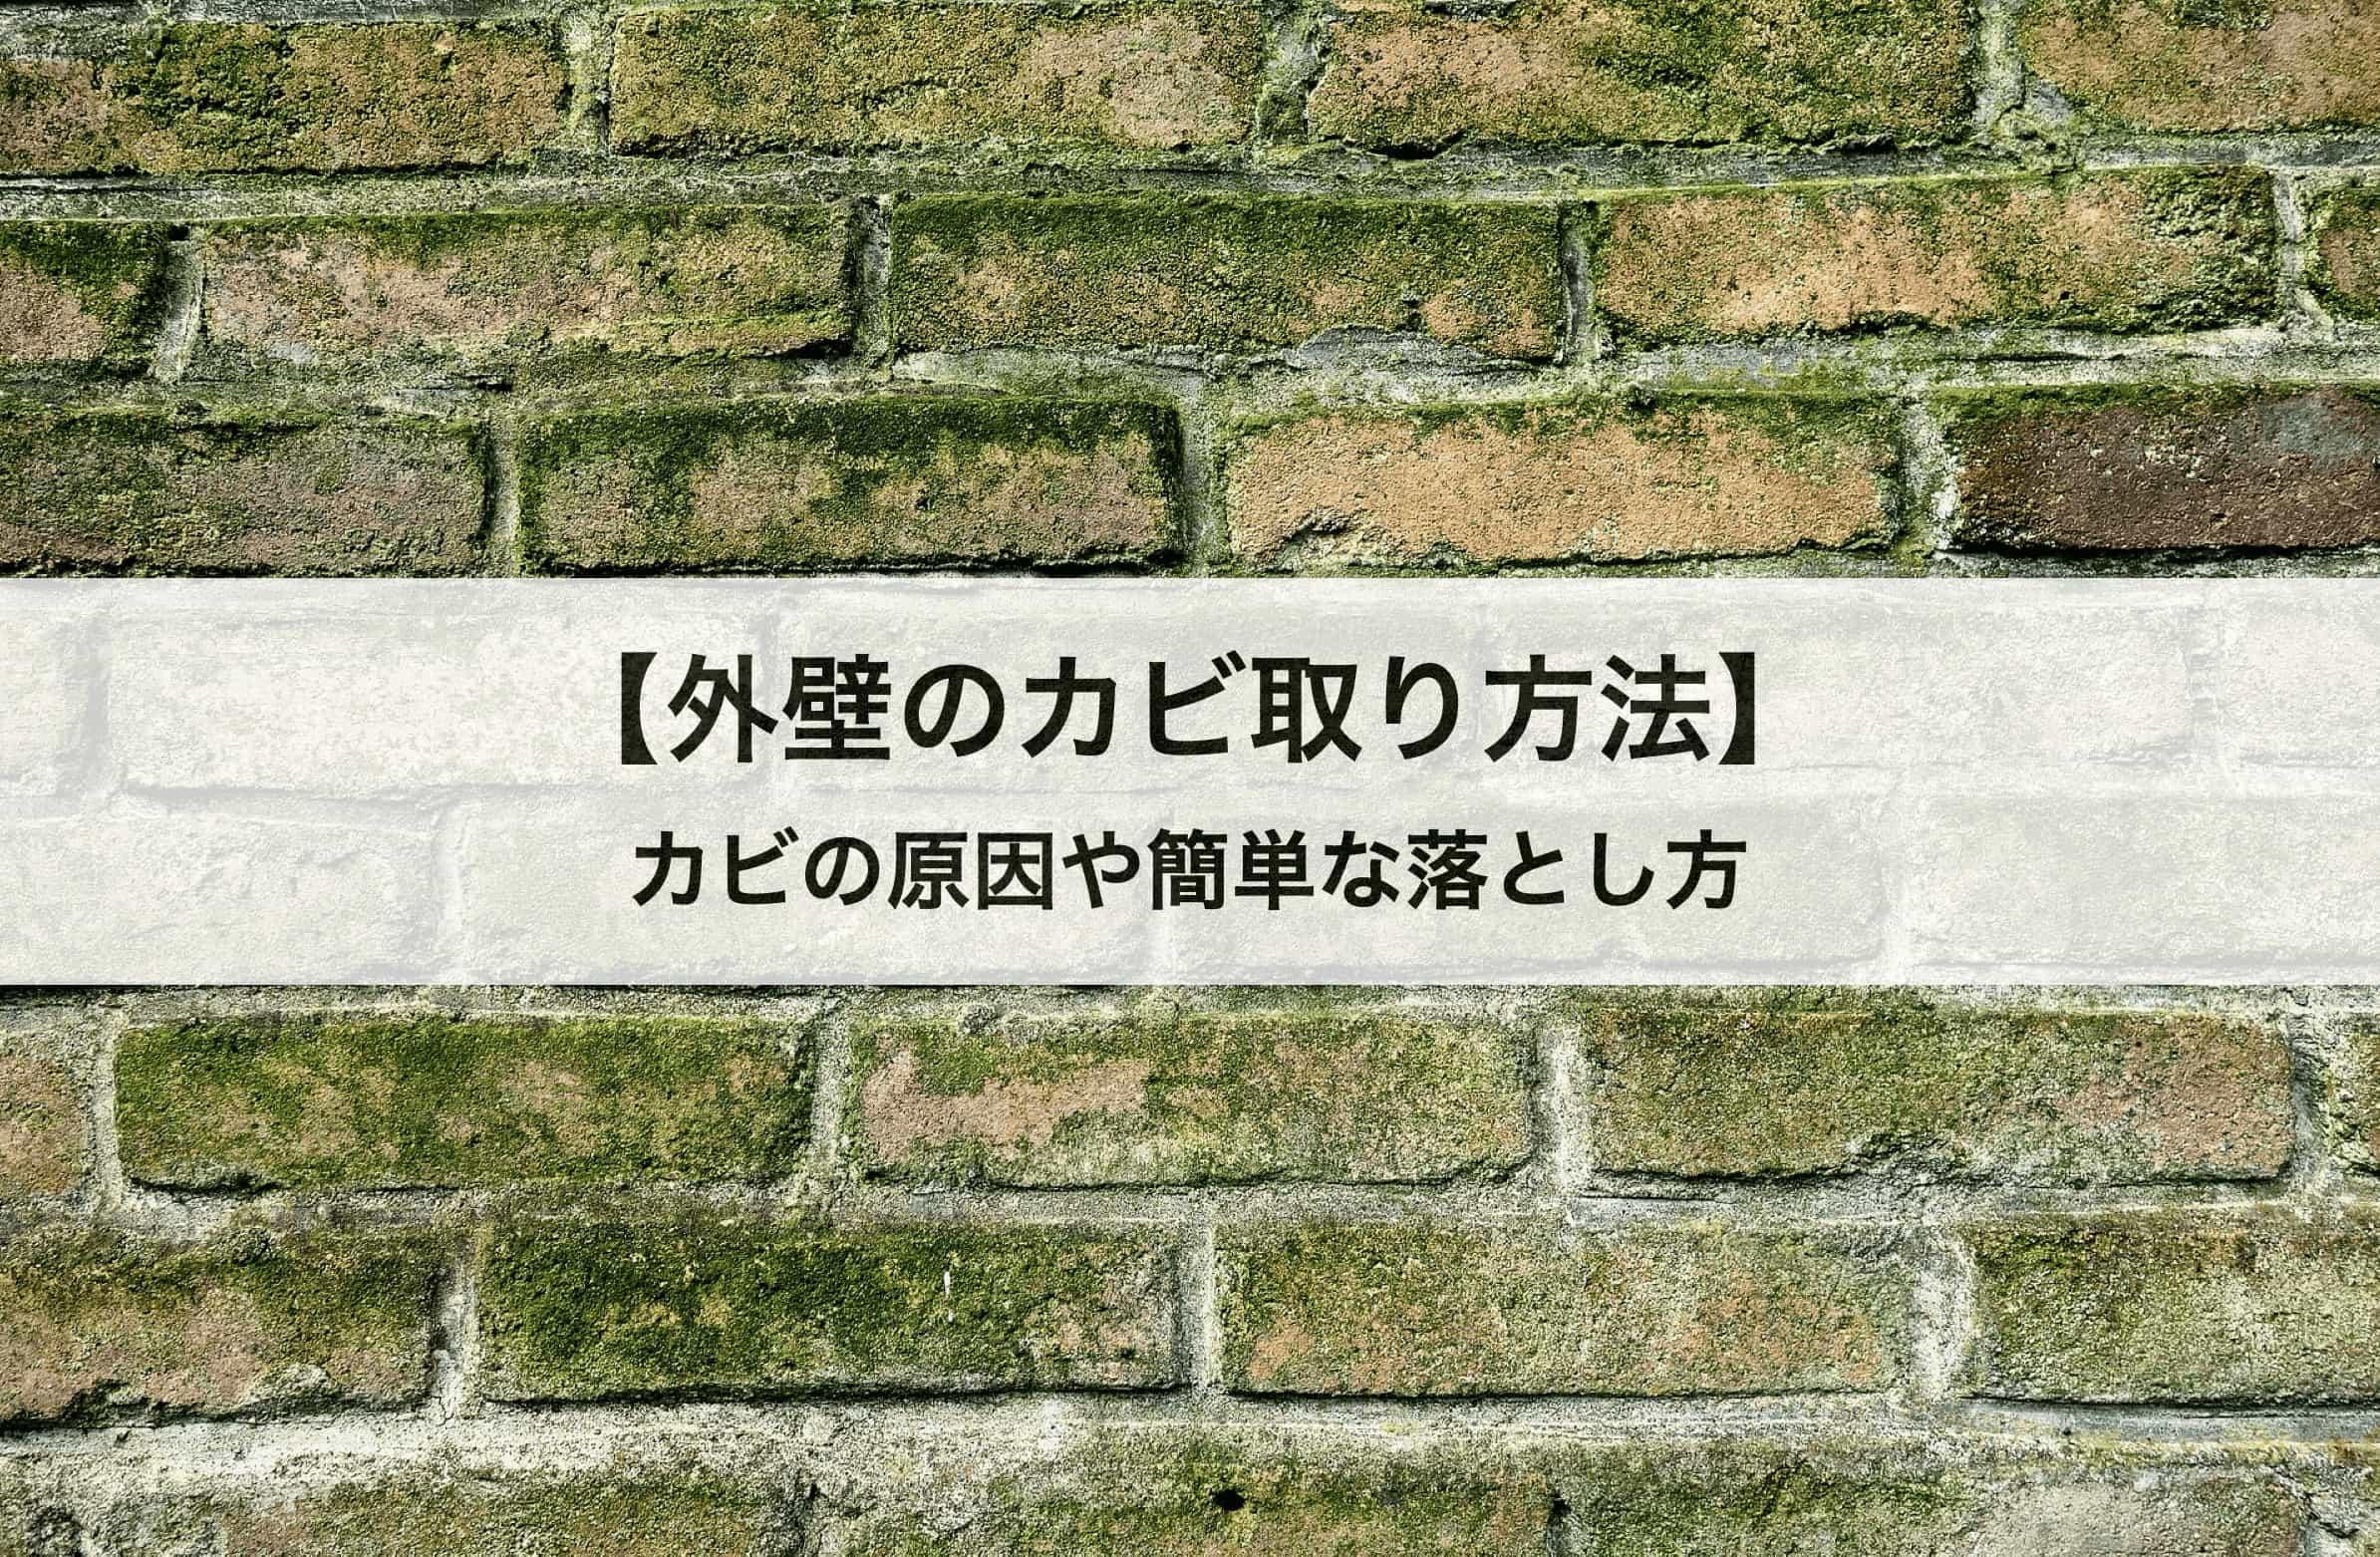 外壁のカビ取り方法|カビの原因や簡単な落とし方も紹介します!